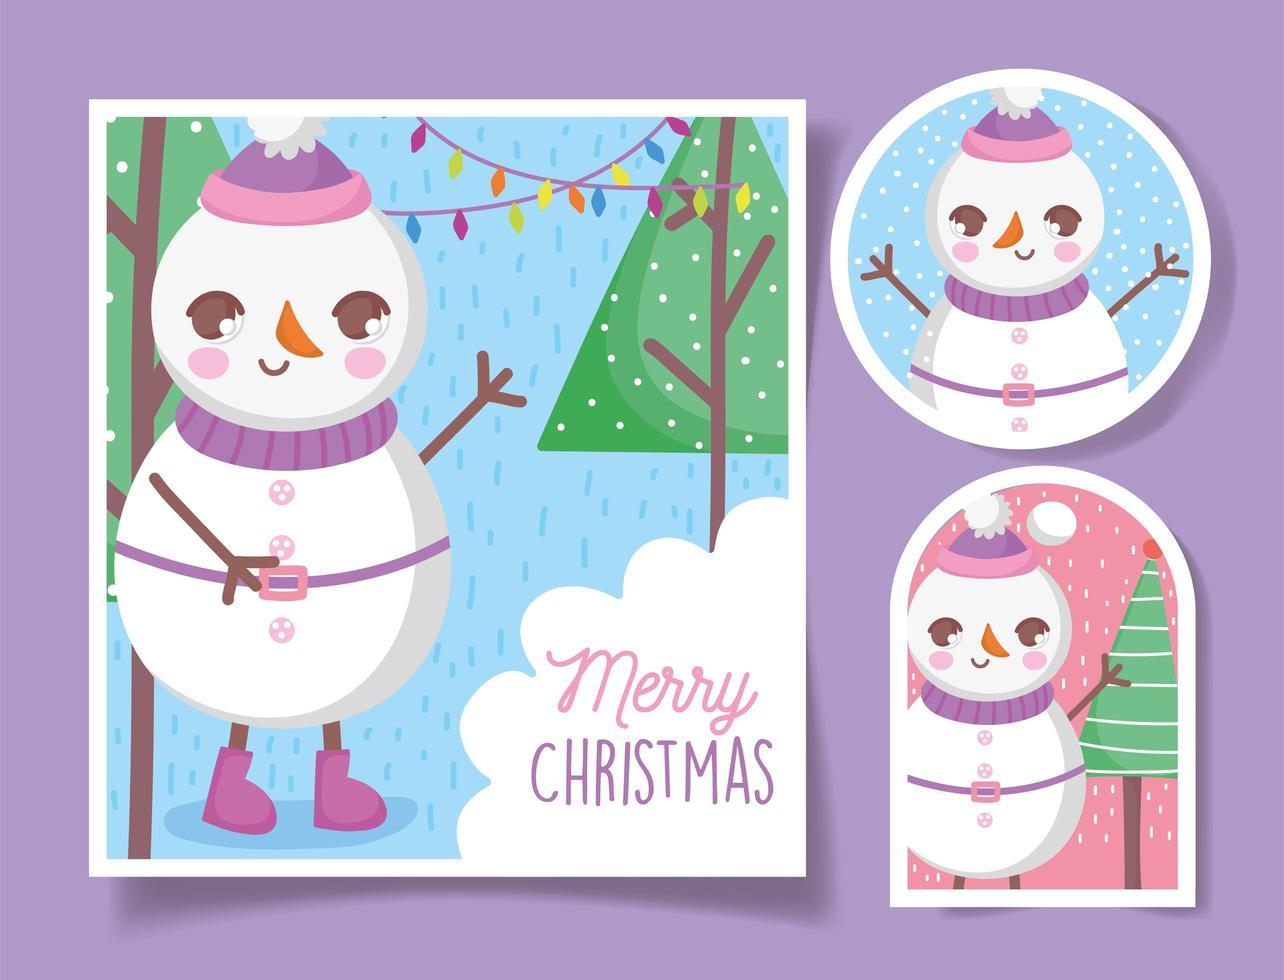 jolies étiquettes de noël avec bonhomme de neige heureux vecteur